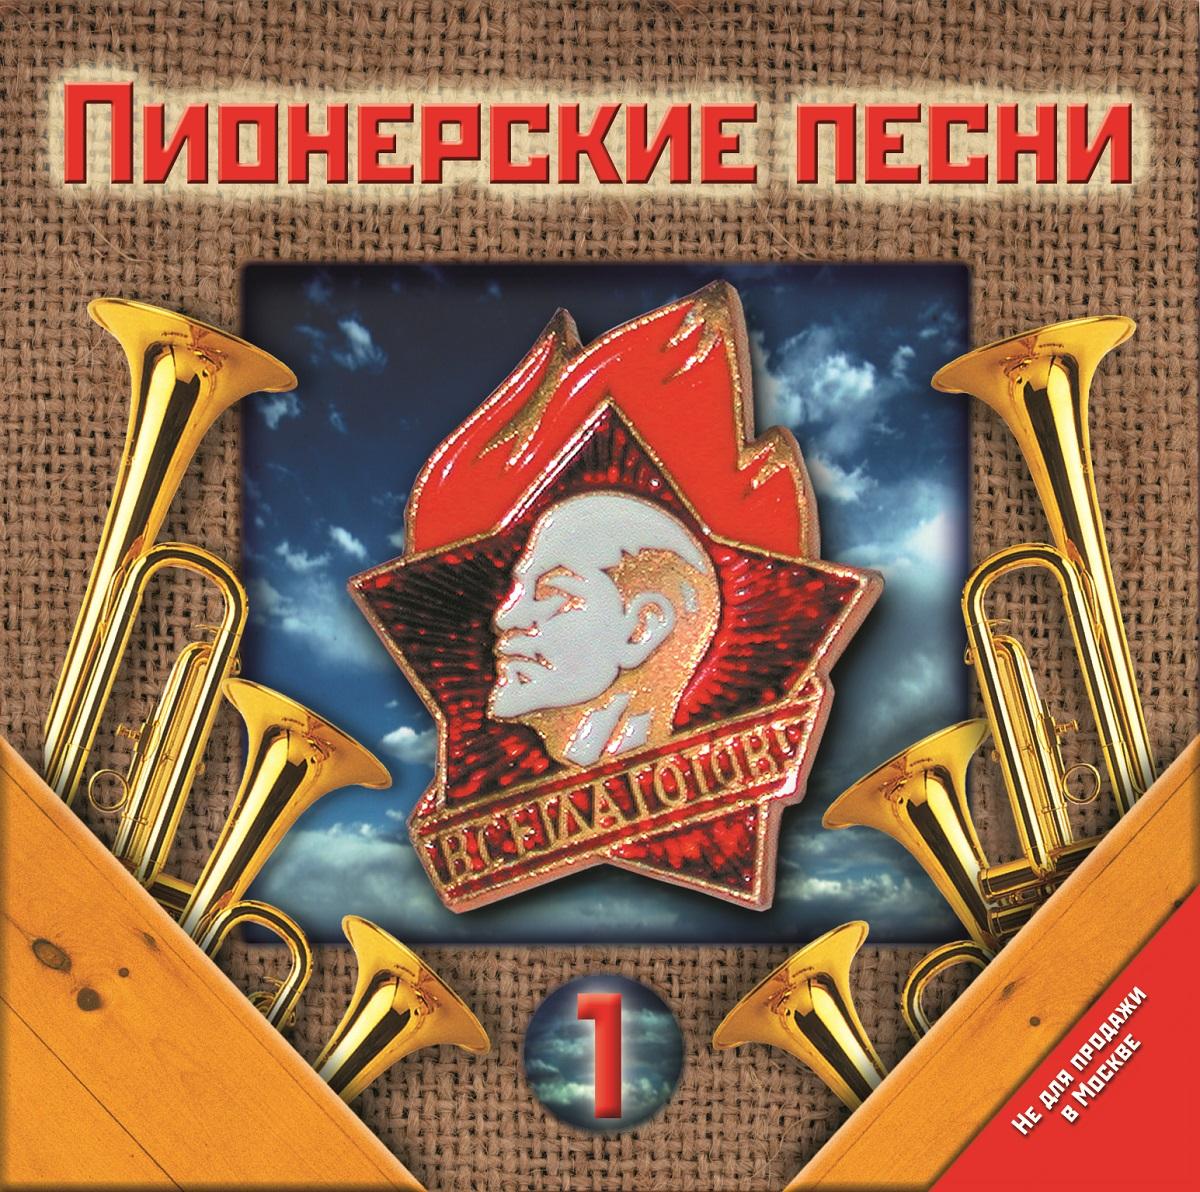 Zakazat.ru Пионерские песни-1